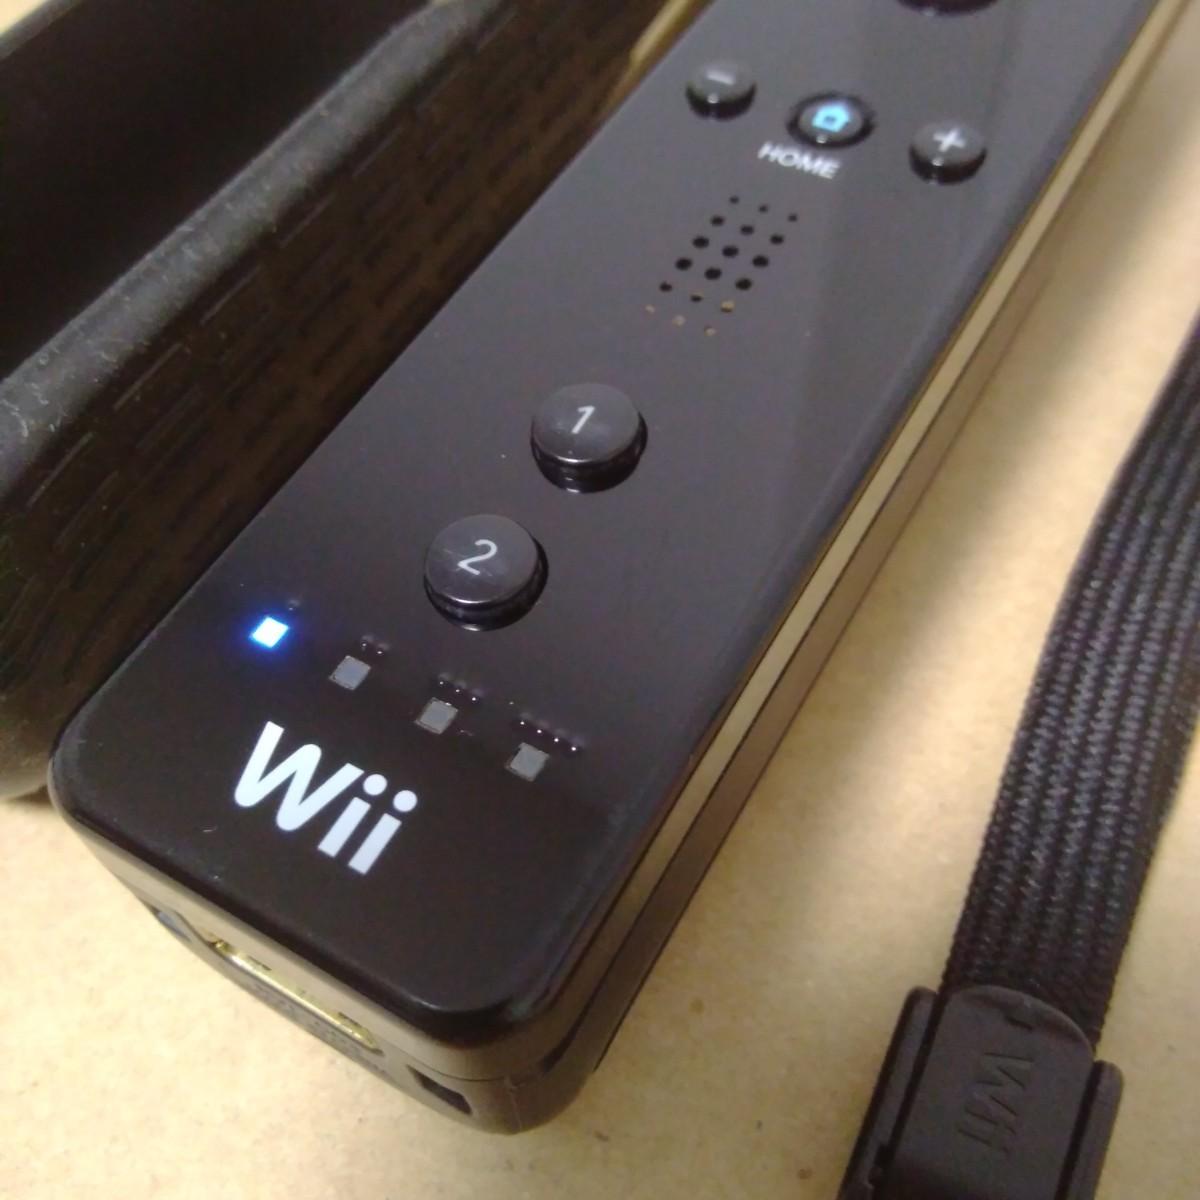 Wiiリモコン黒 ストラップ・シリコンジャケット 付